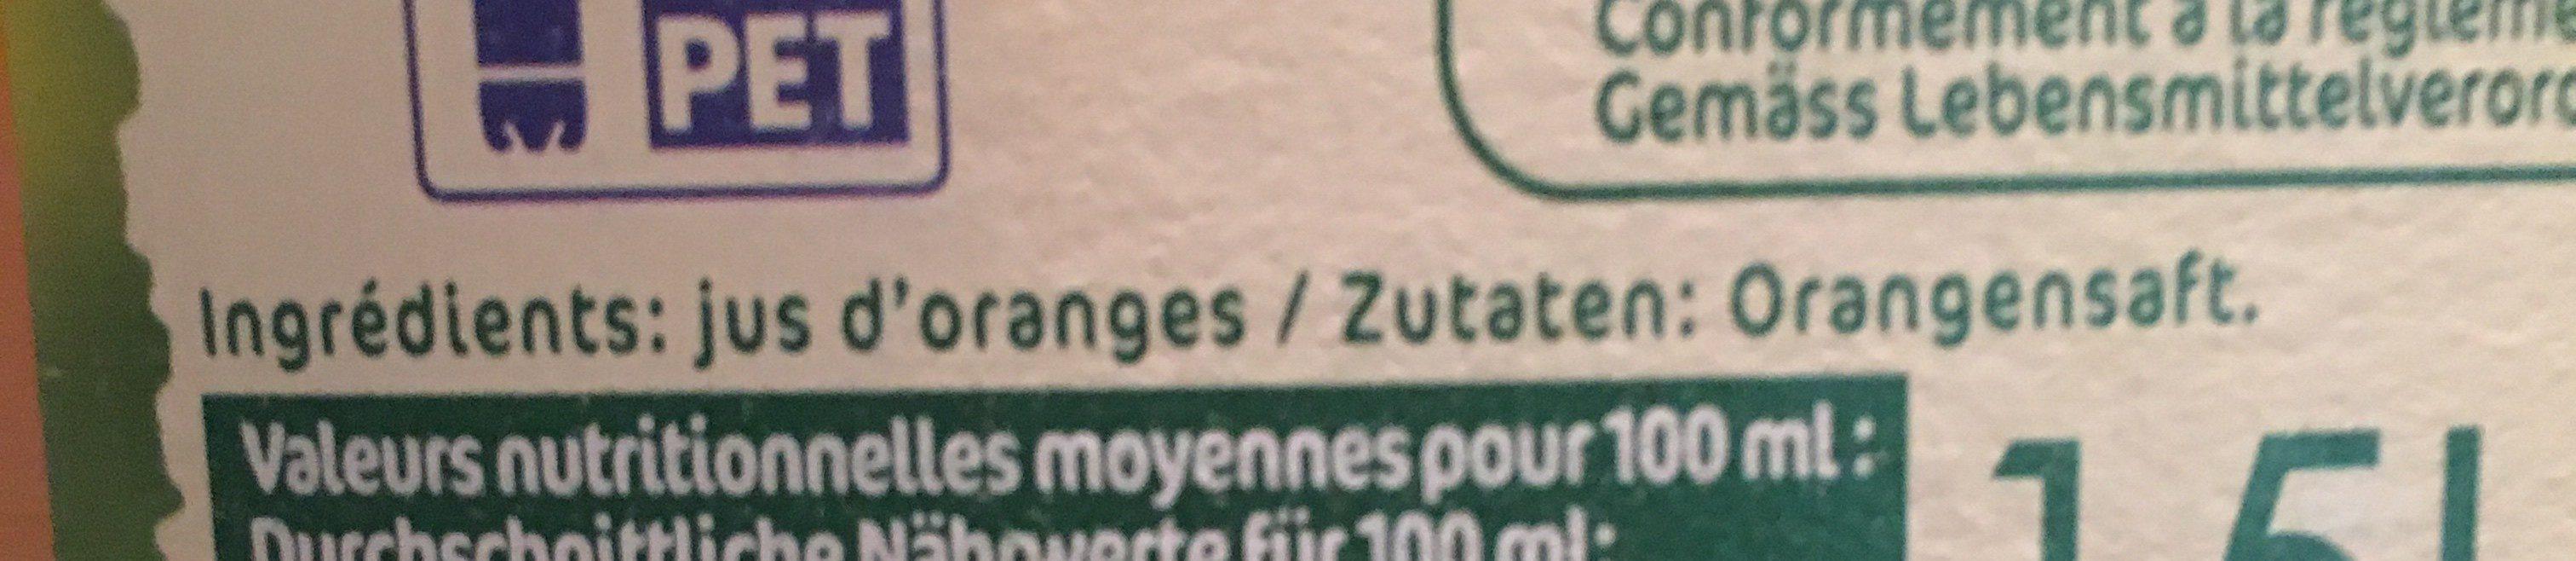 Pur jus pasteurisé orange pressées - Ingredients - fr